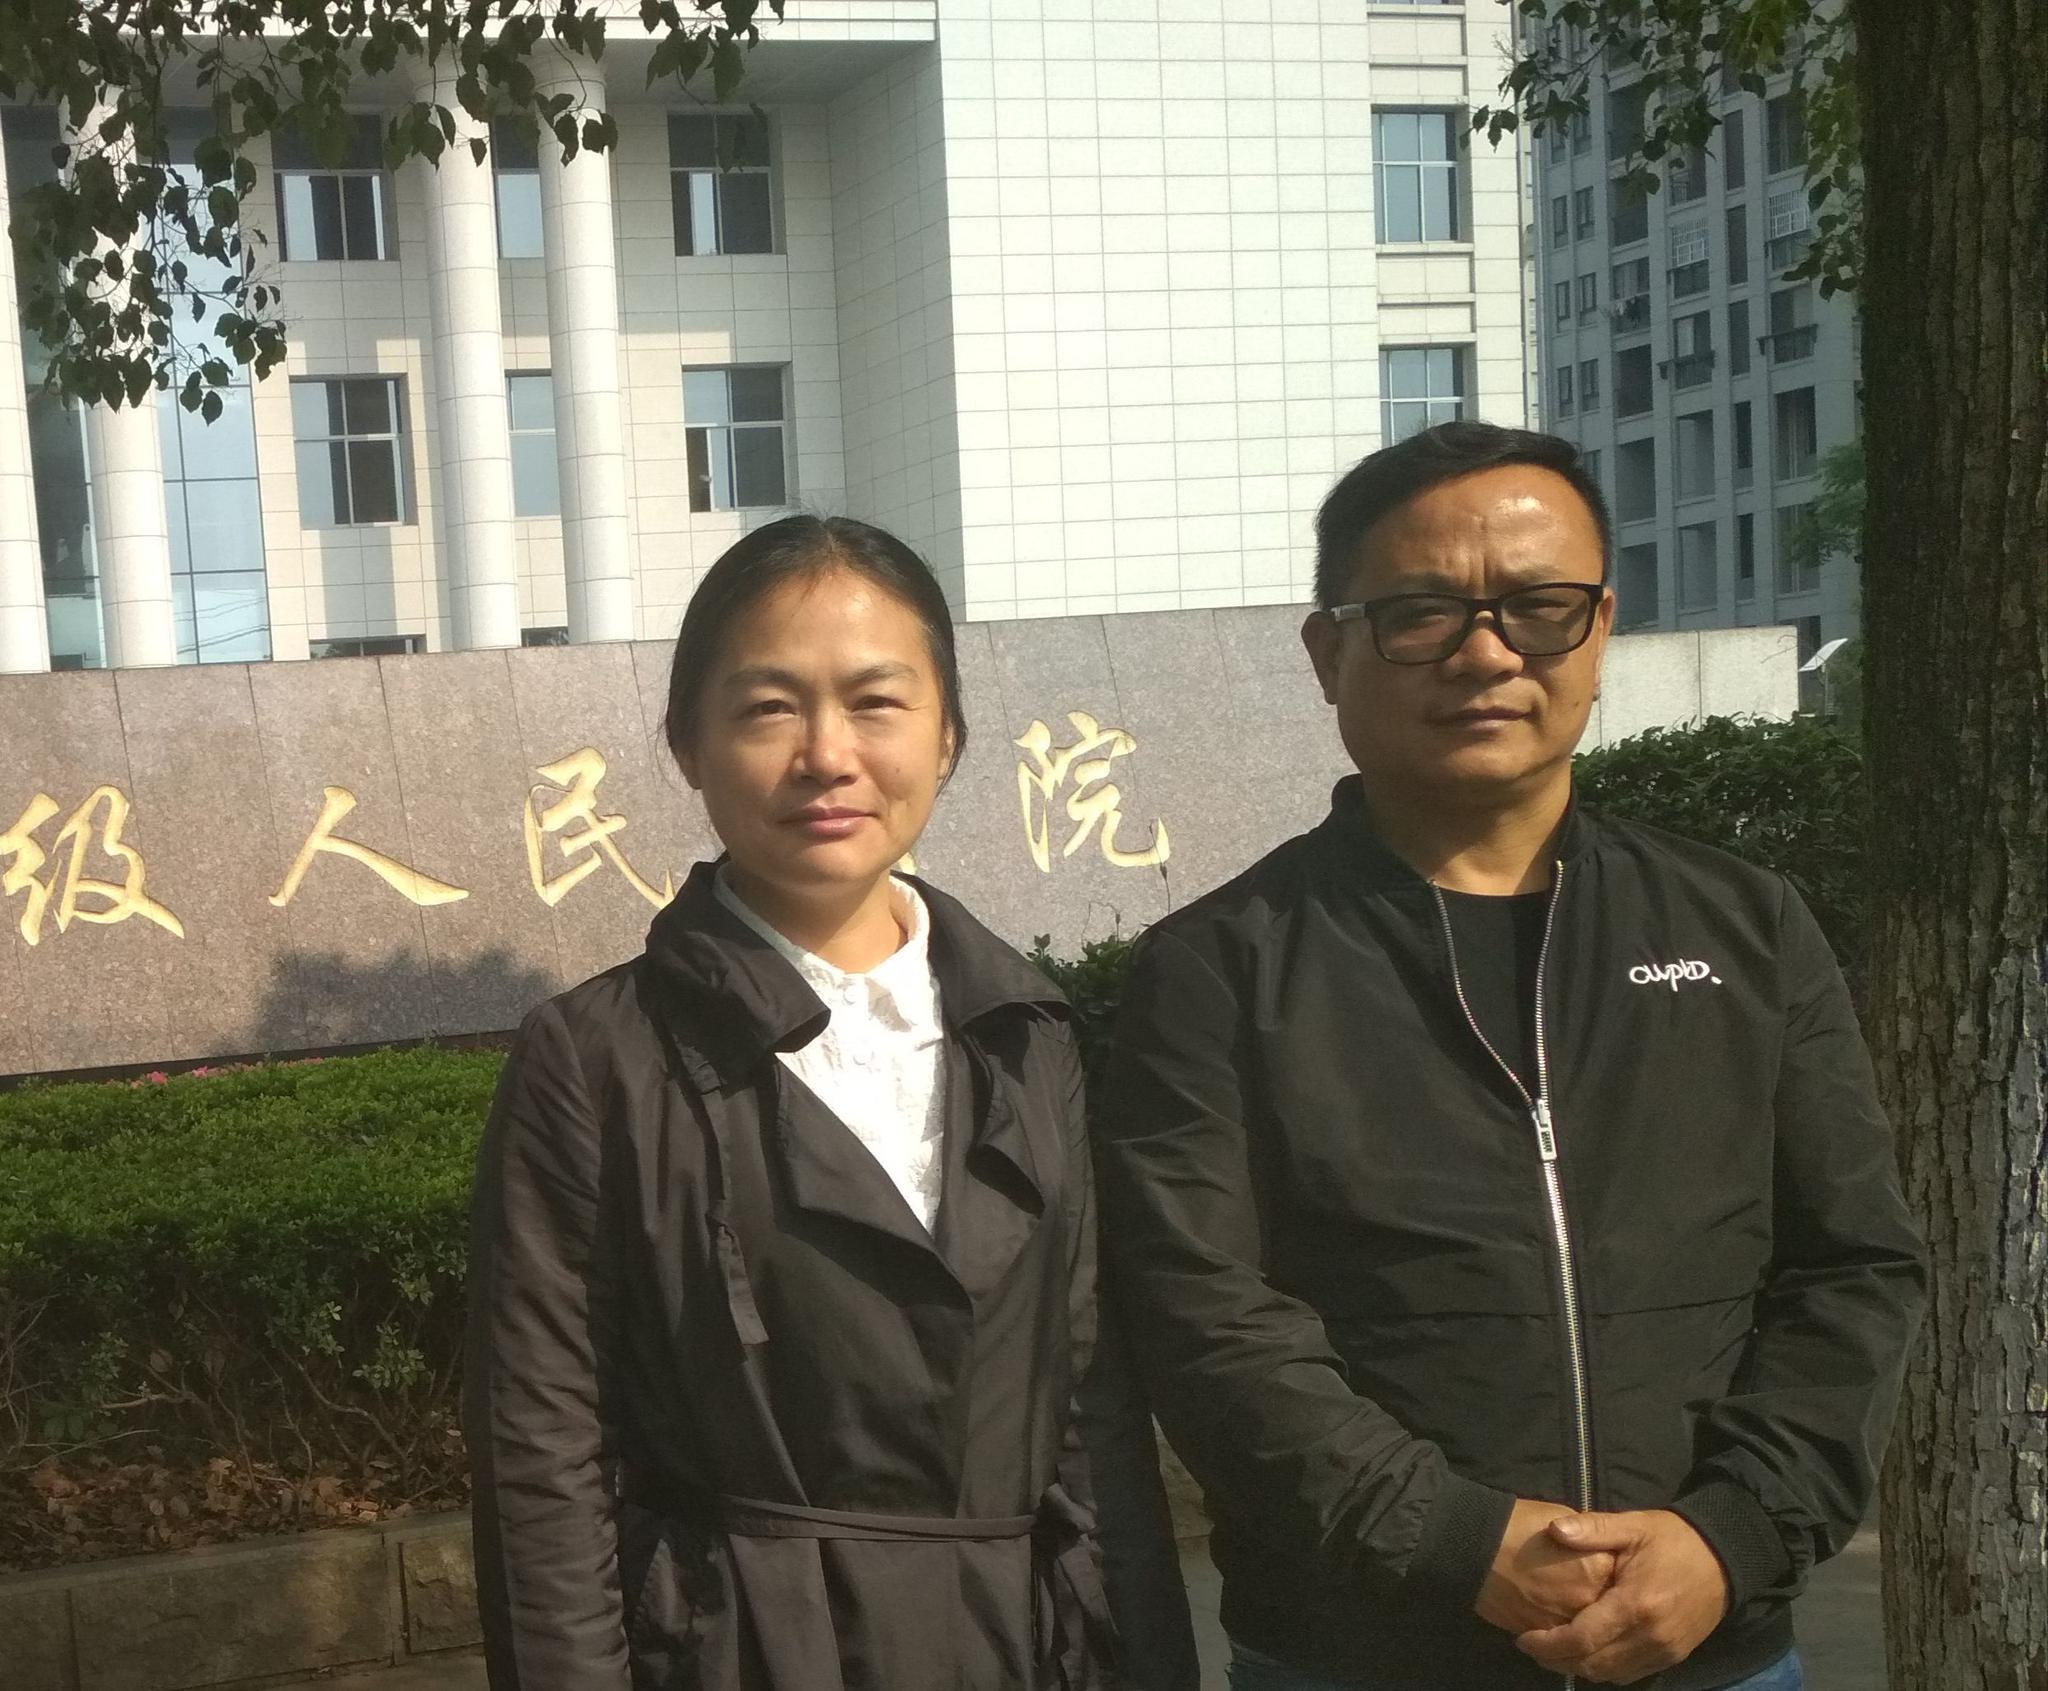 邱国荣(右)及其辩护人郑晓静(左)。 受访者供图